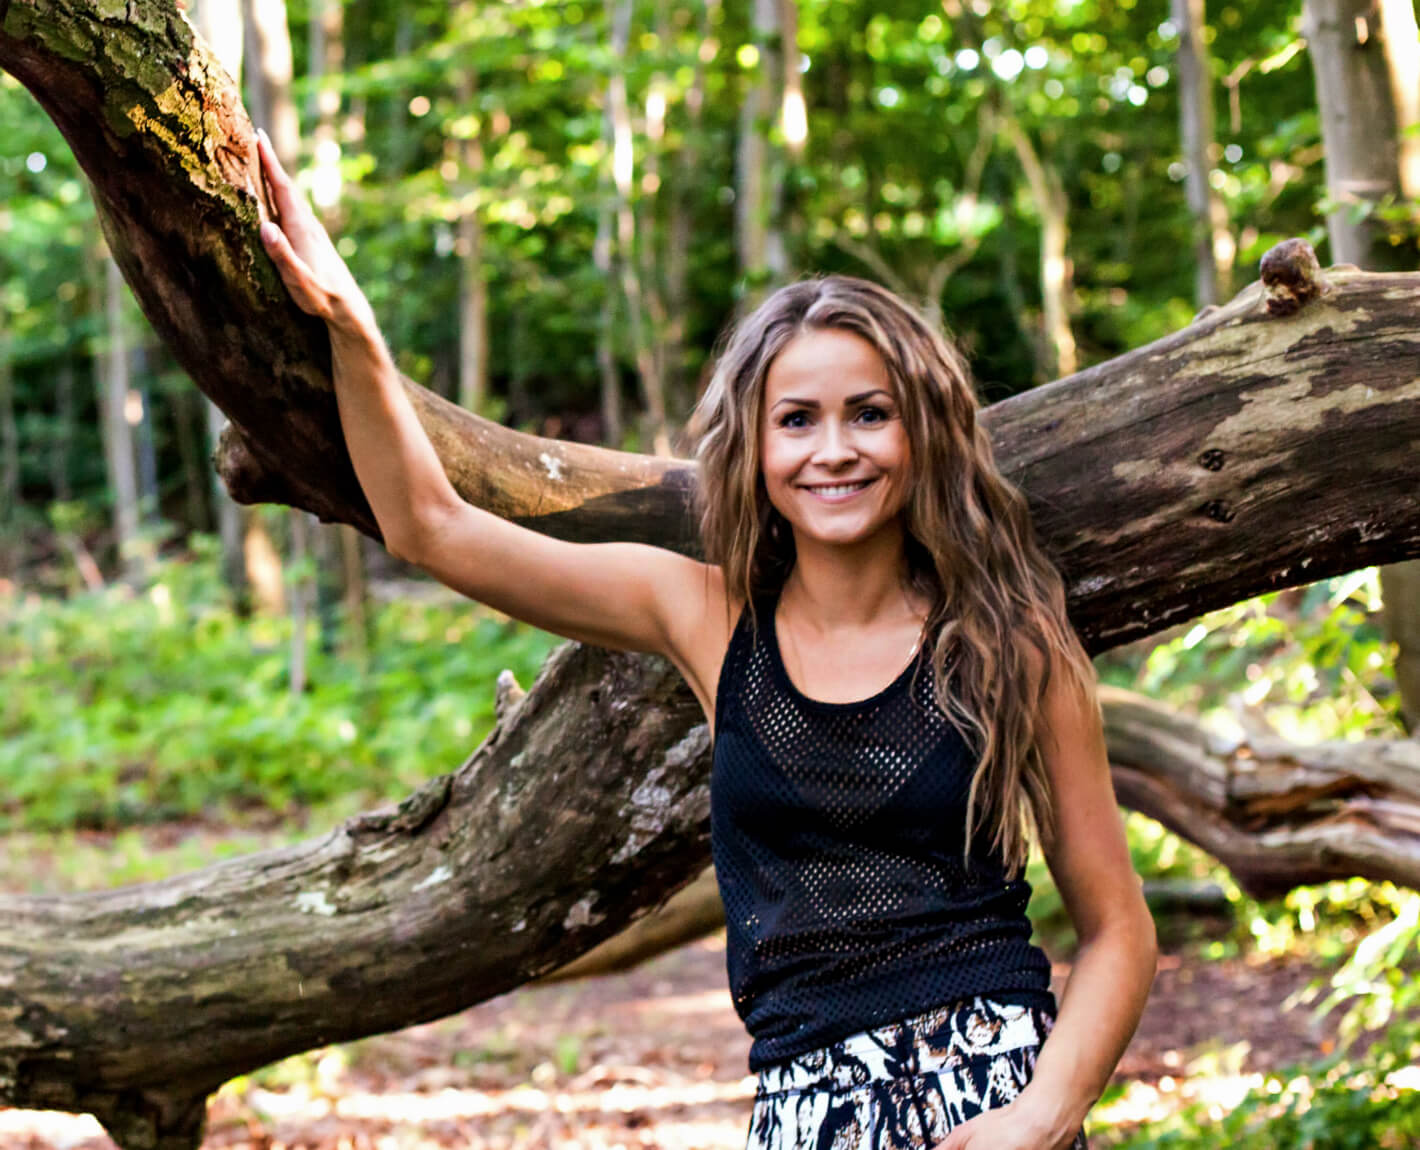 Tilbage på sundheds-sporet af Karolina Kærsner - Sundhedscoach Livsstilsmentor Sundheds Blogger